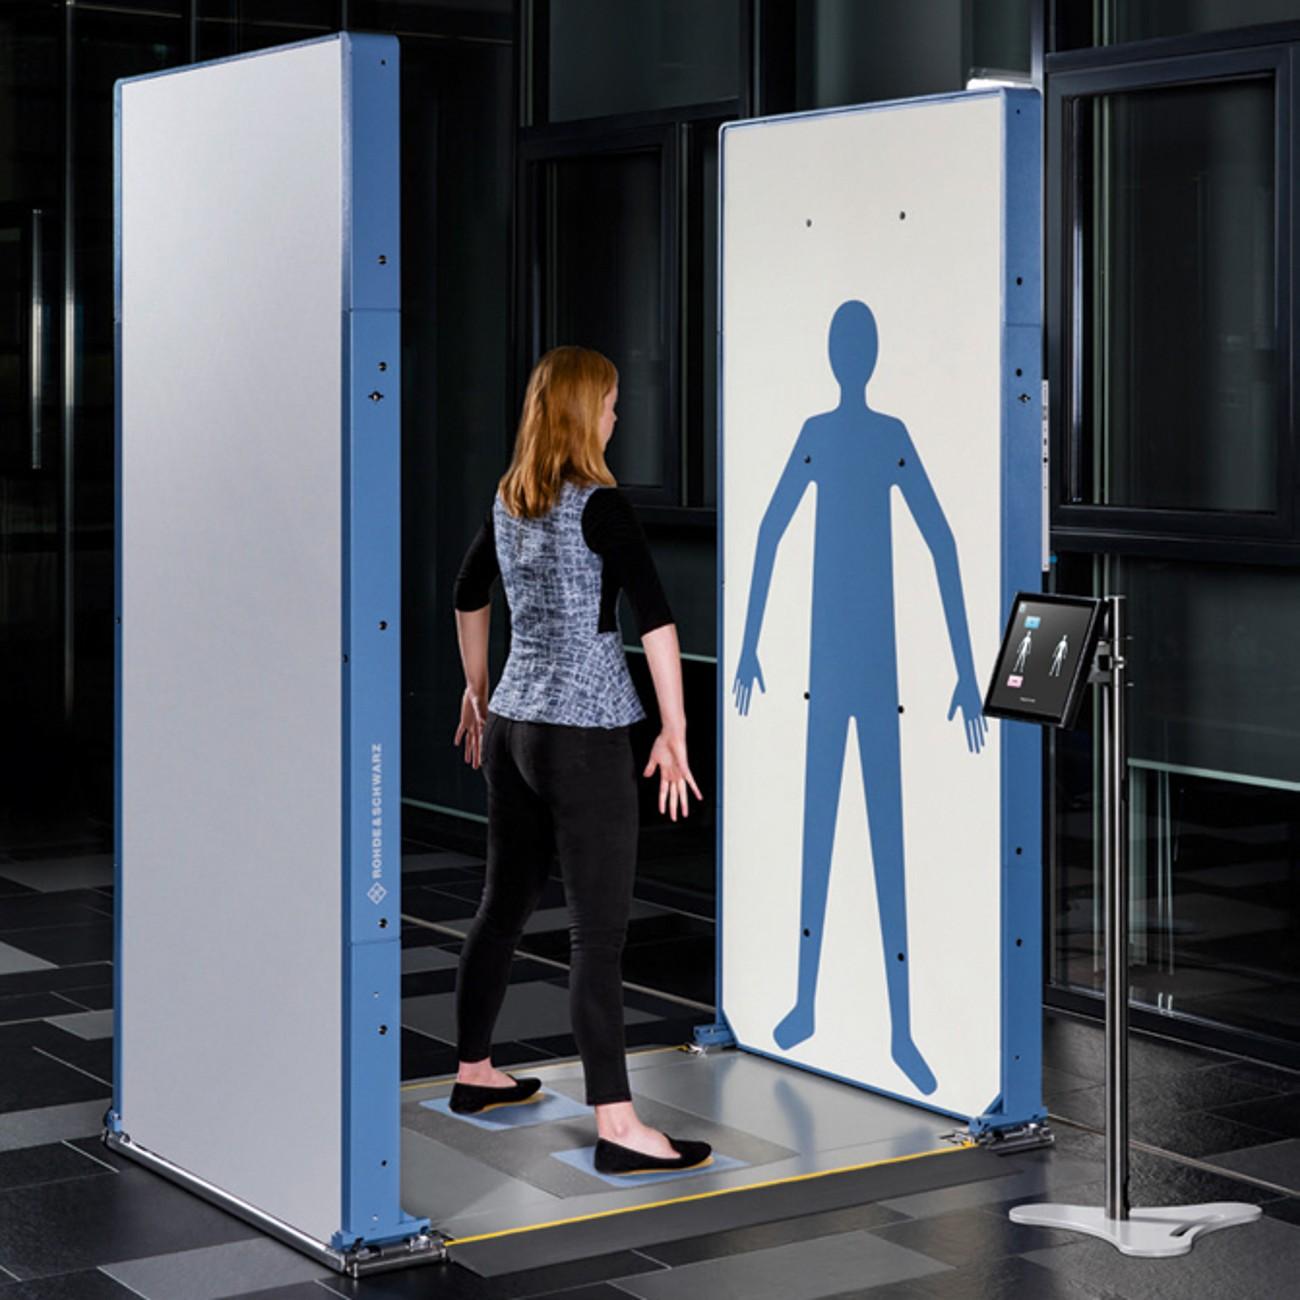 Сканер R&S®QPS позволяет пассажирам принимать более естественную позу для сканирования и автоматически предупреждает оператора о неправильном положении досматриваемого